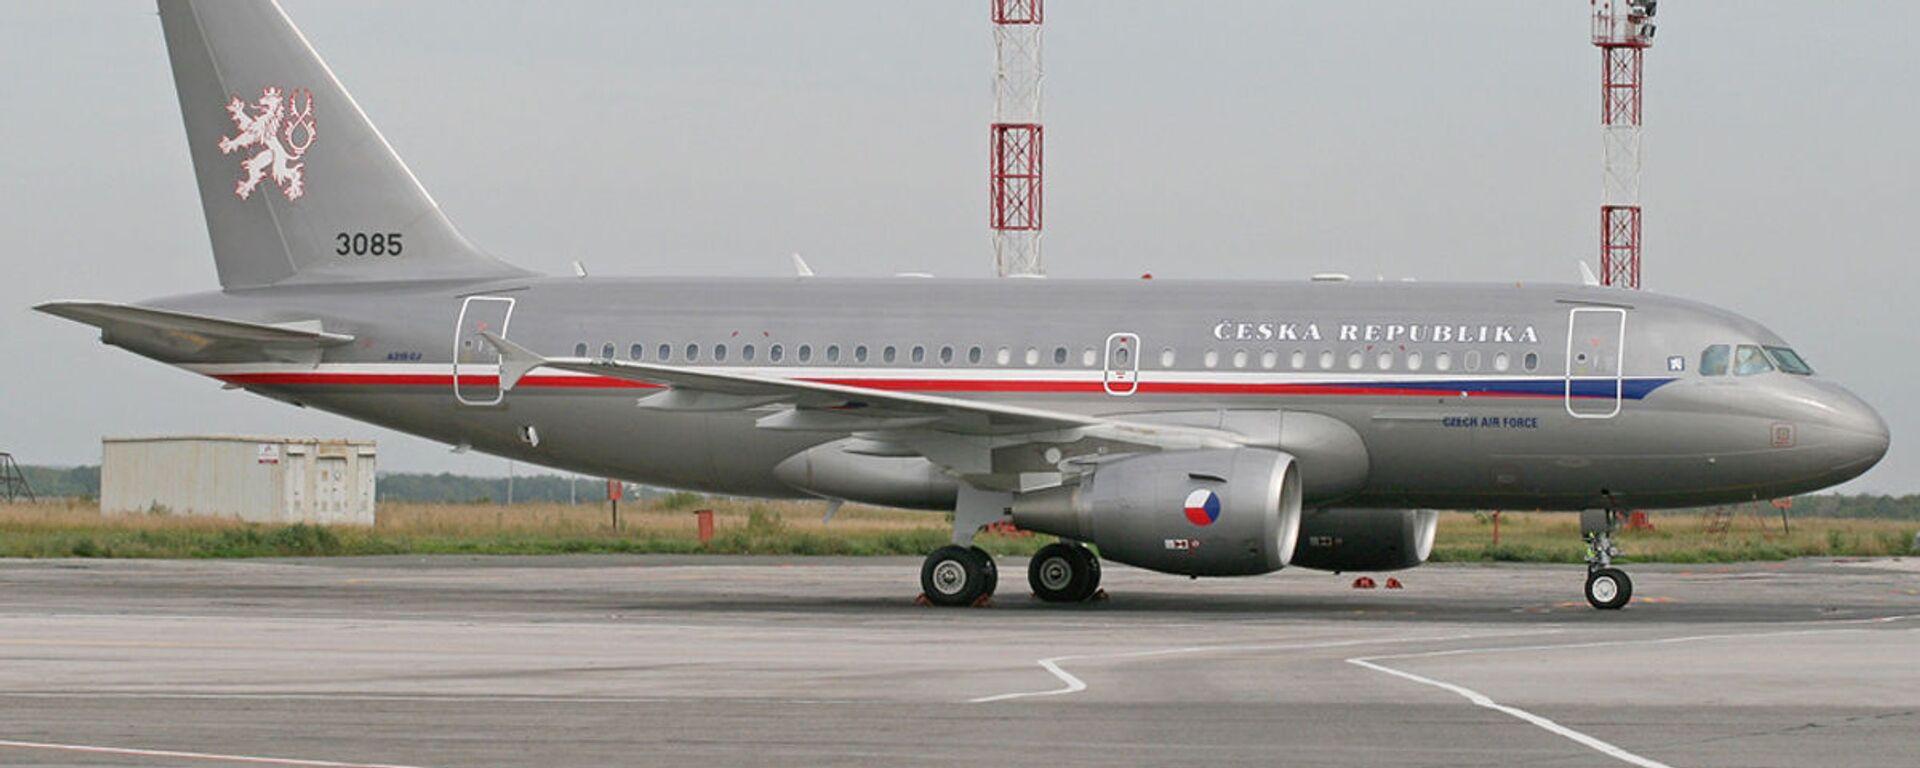 Armádní letoun Airbus A-319 na letišti Praha-Kbely. Ilustrační foto - Sputnik Česká republika, 1920, 16.08.2021